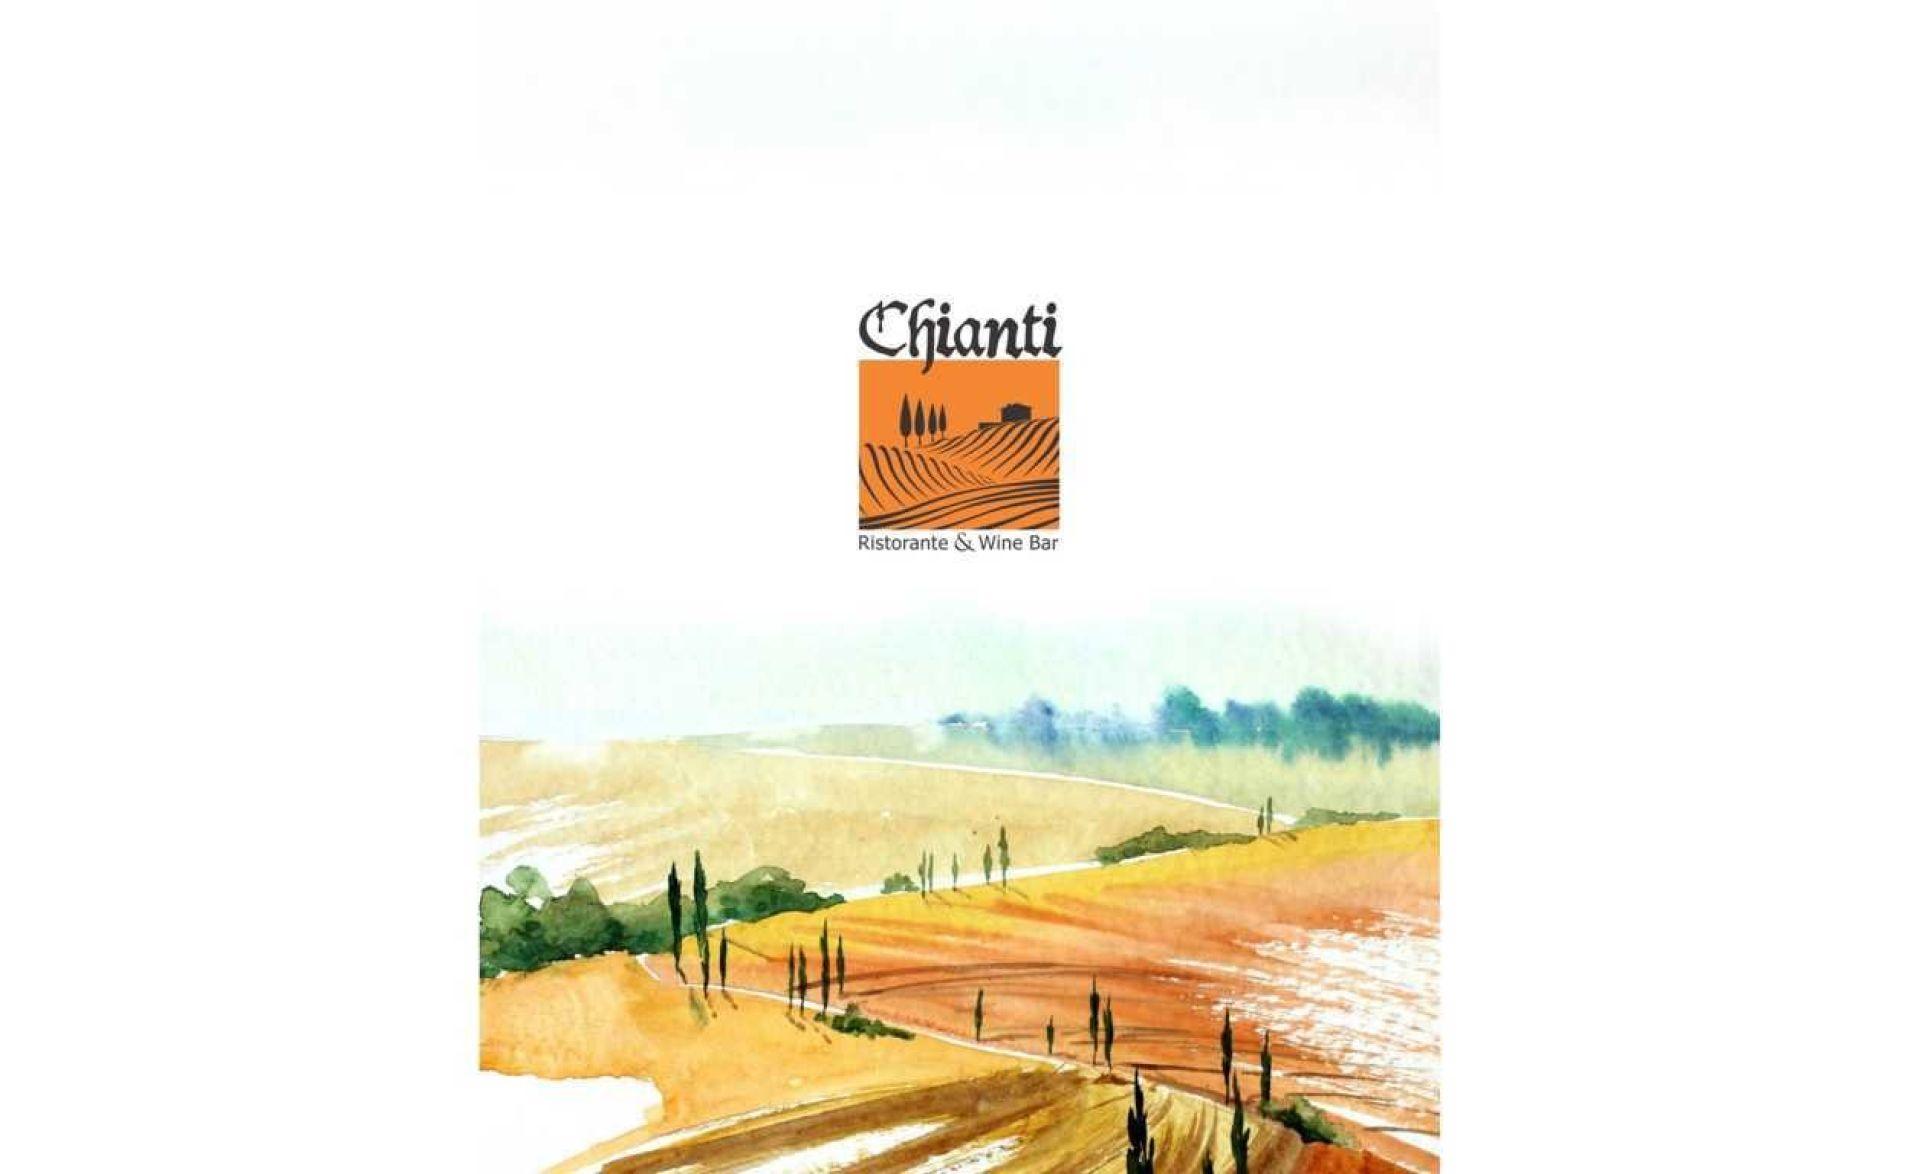 Menu of the Chianti Italian Restaurant